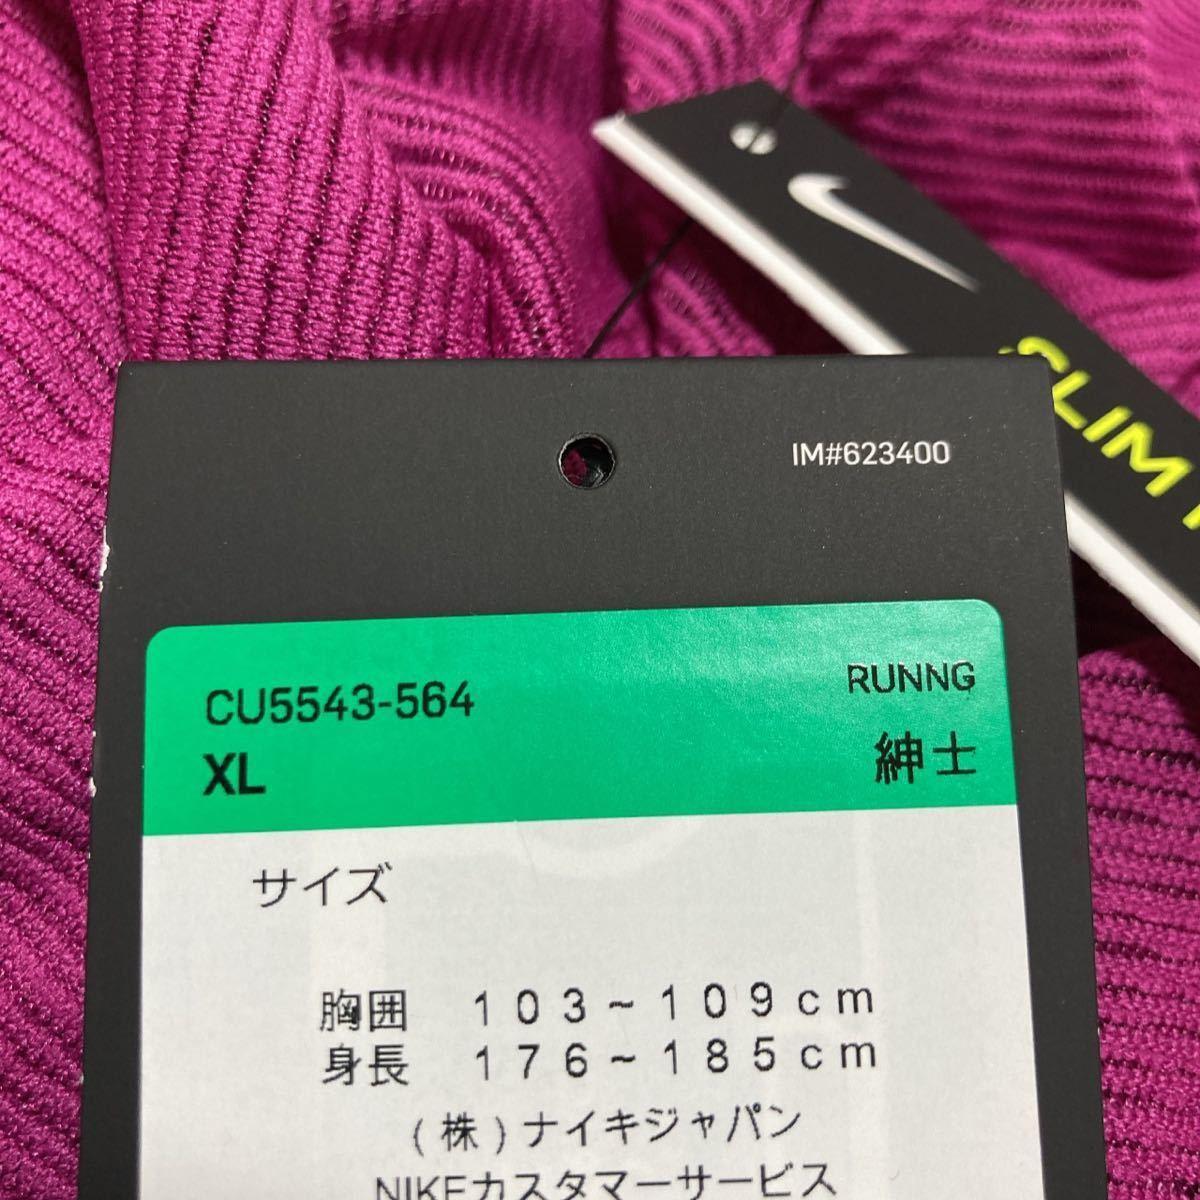 ナイキ ランニングウェア DVN アダプト タンクトップメンズXL 定価9900